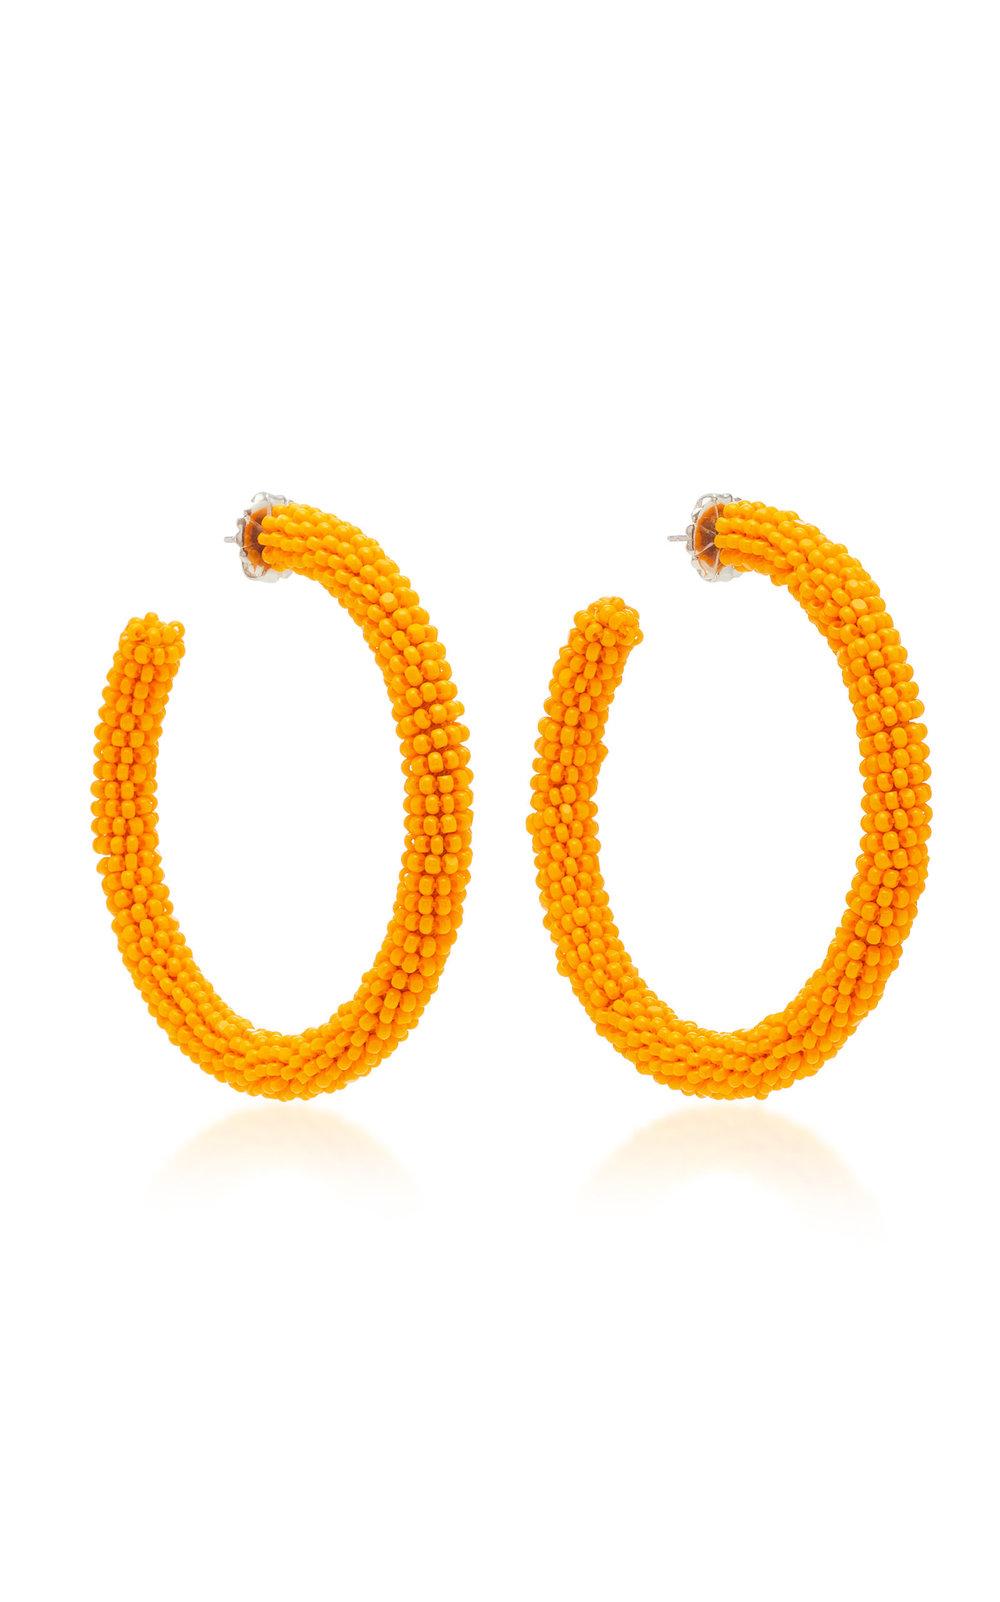 large_deepa-gurnani-orange-eliza-bead-embellished-hoop-earrings.jpg